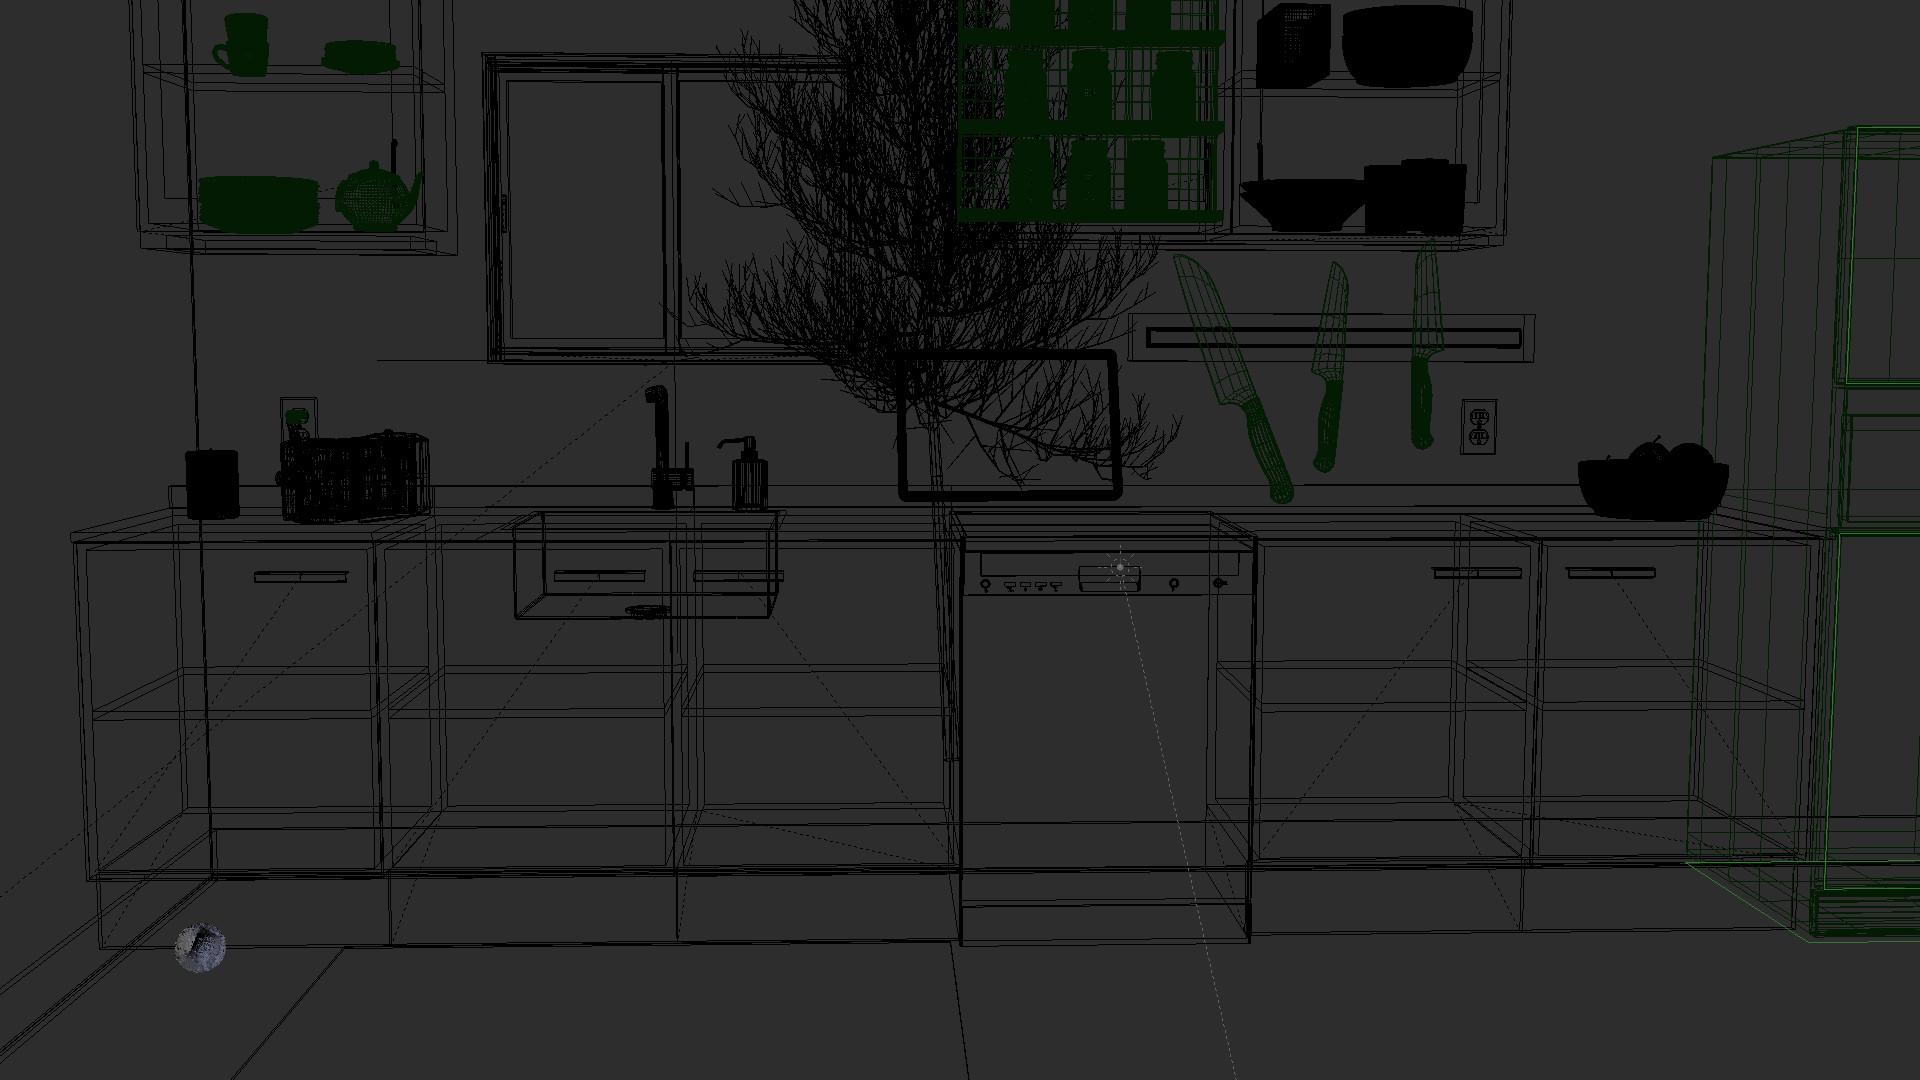 Wire frame render